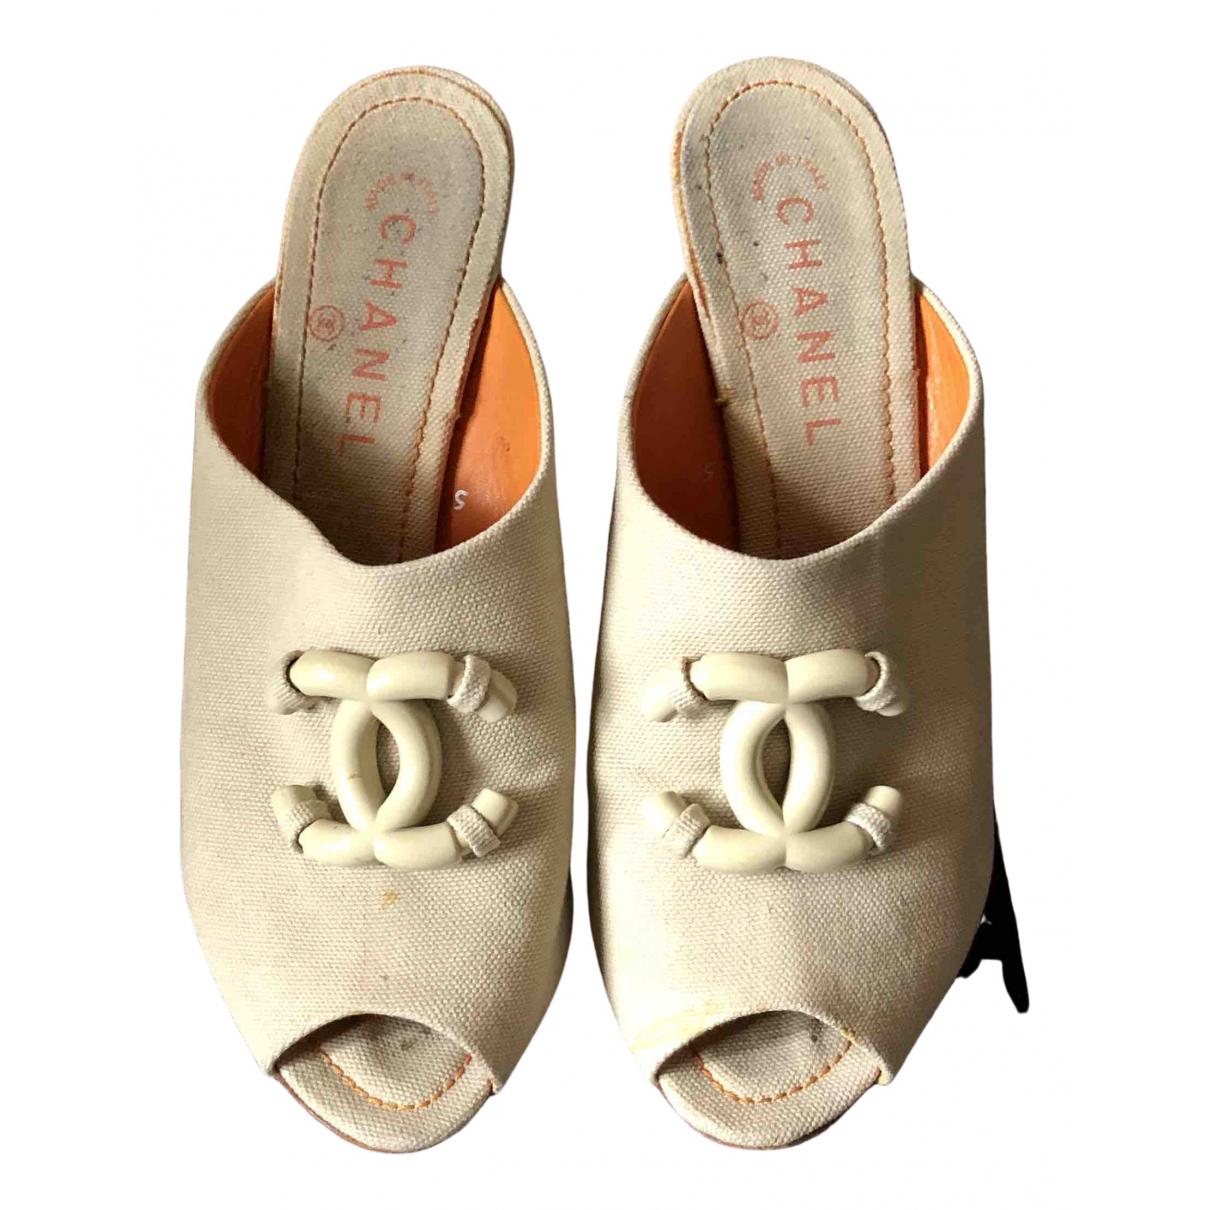 Zuecos de Lona Chanel